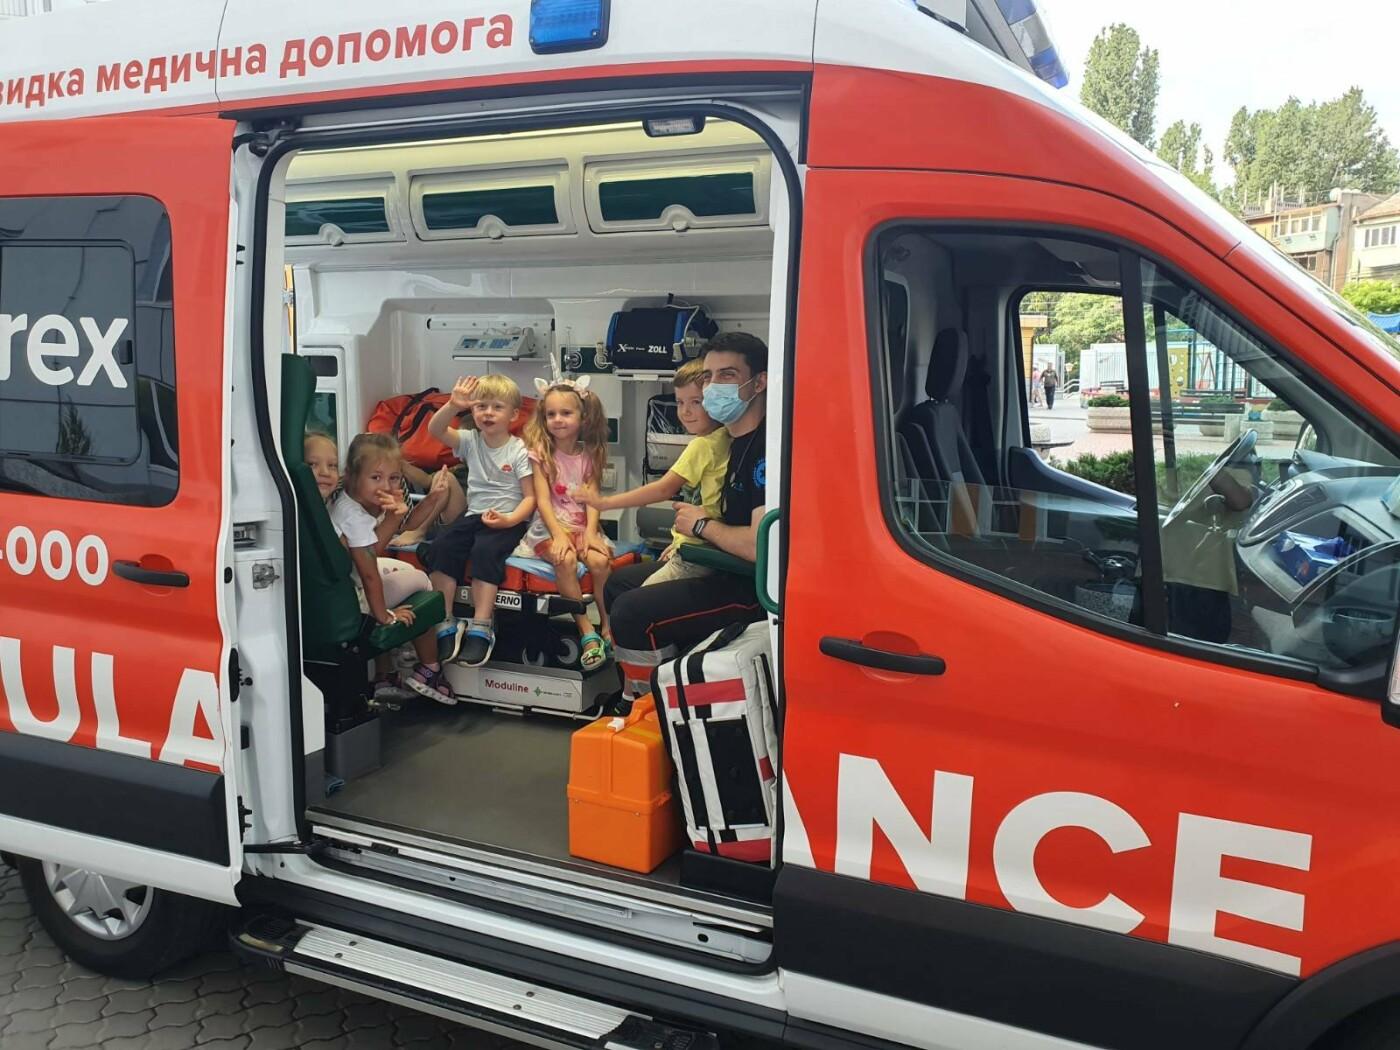 Детские сады и школы в Одессе, где учить ребенка?, фото-3